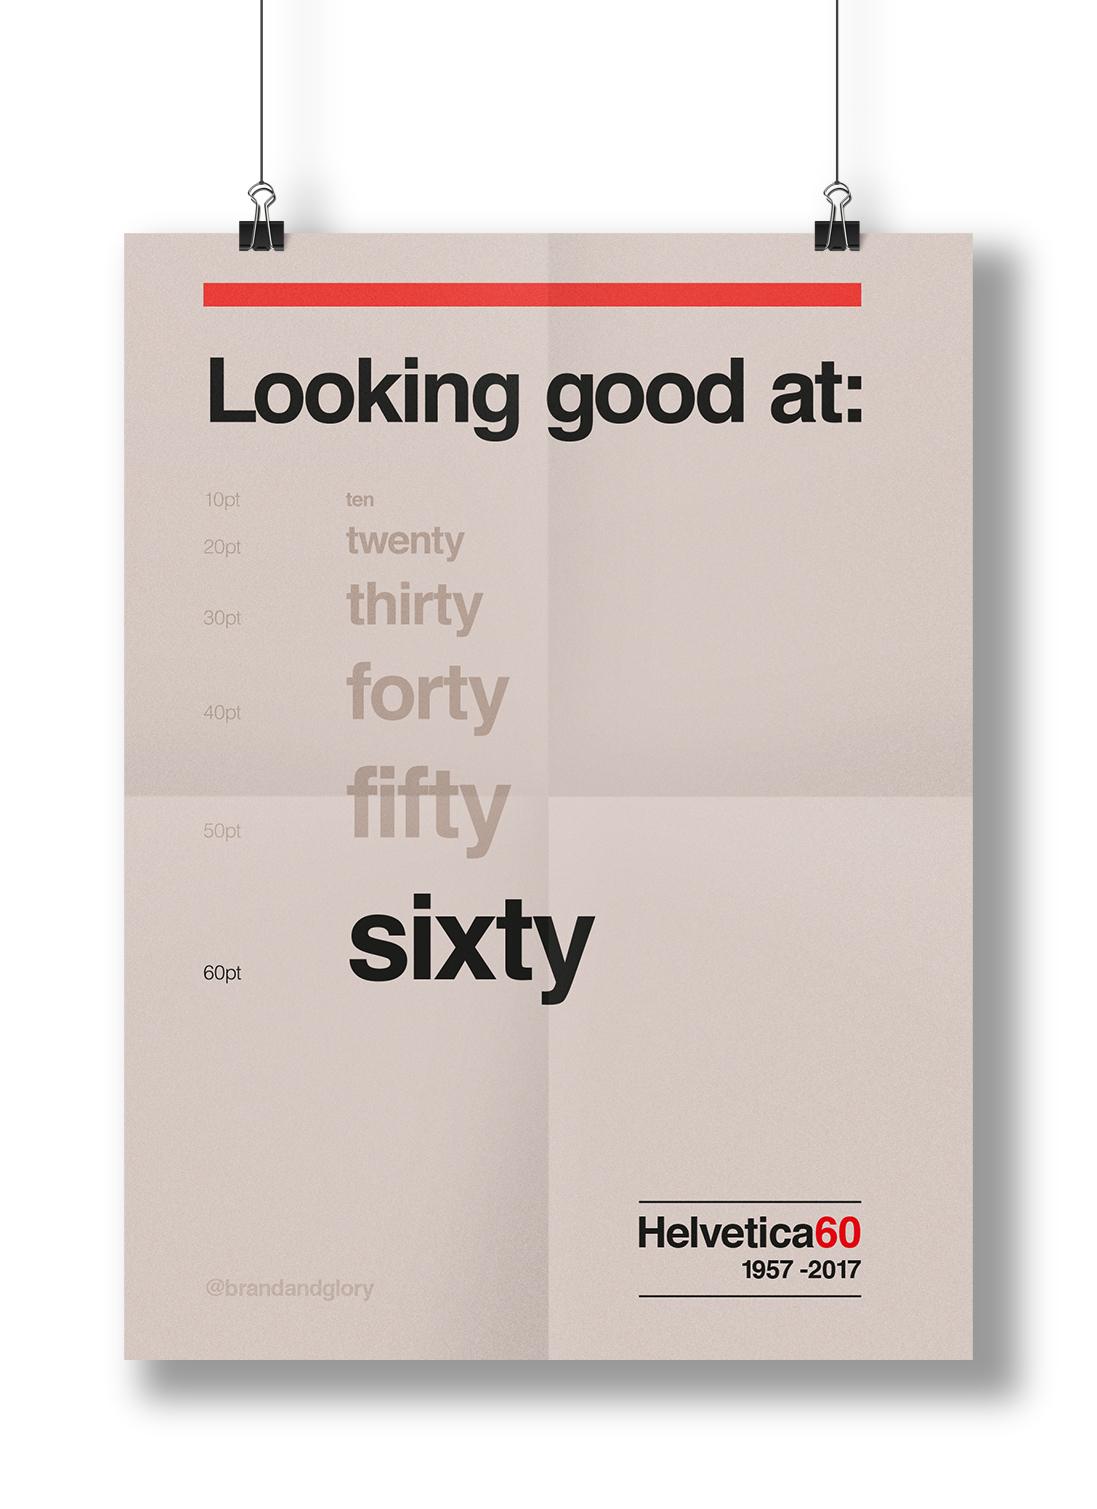 Helvetica is 60